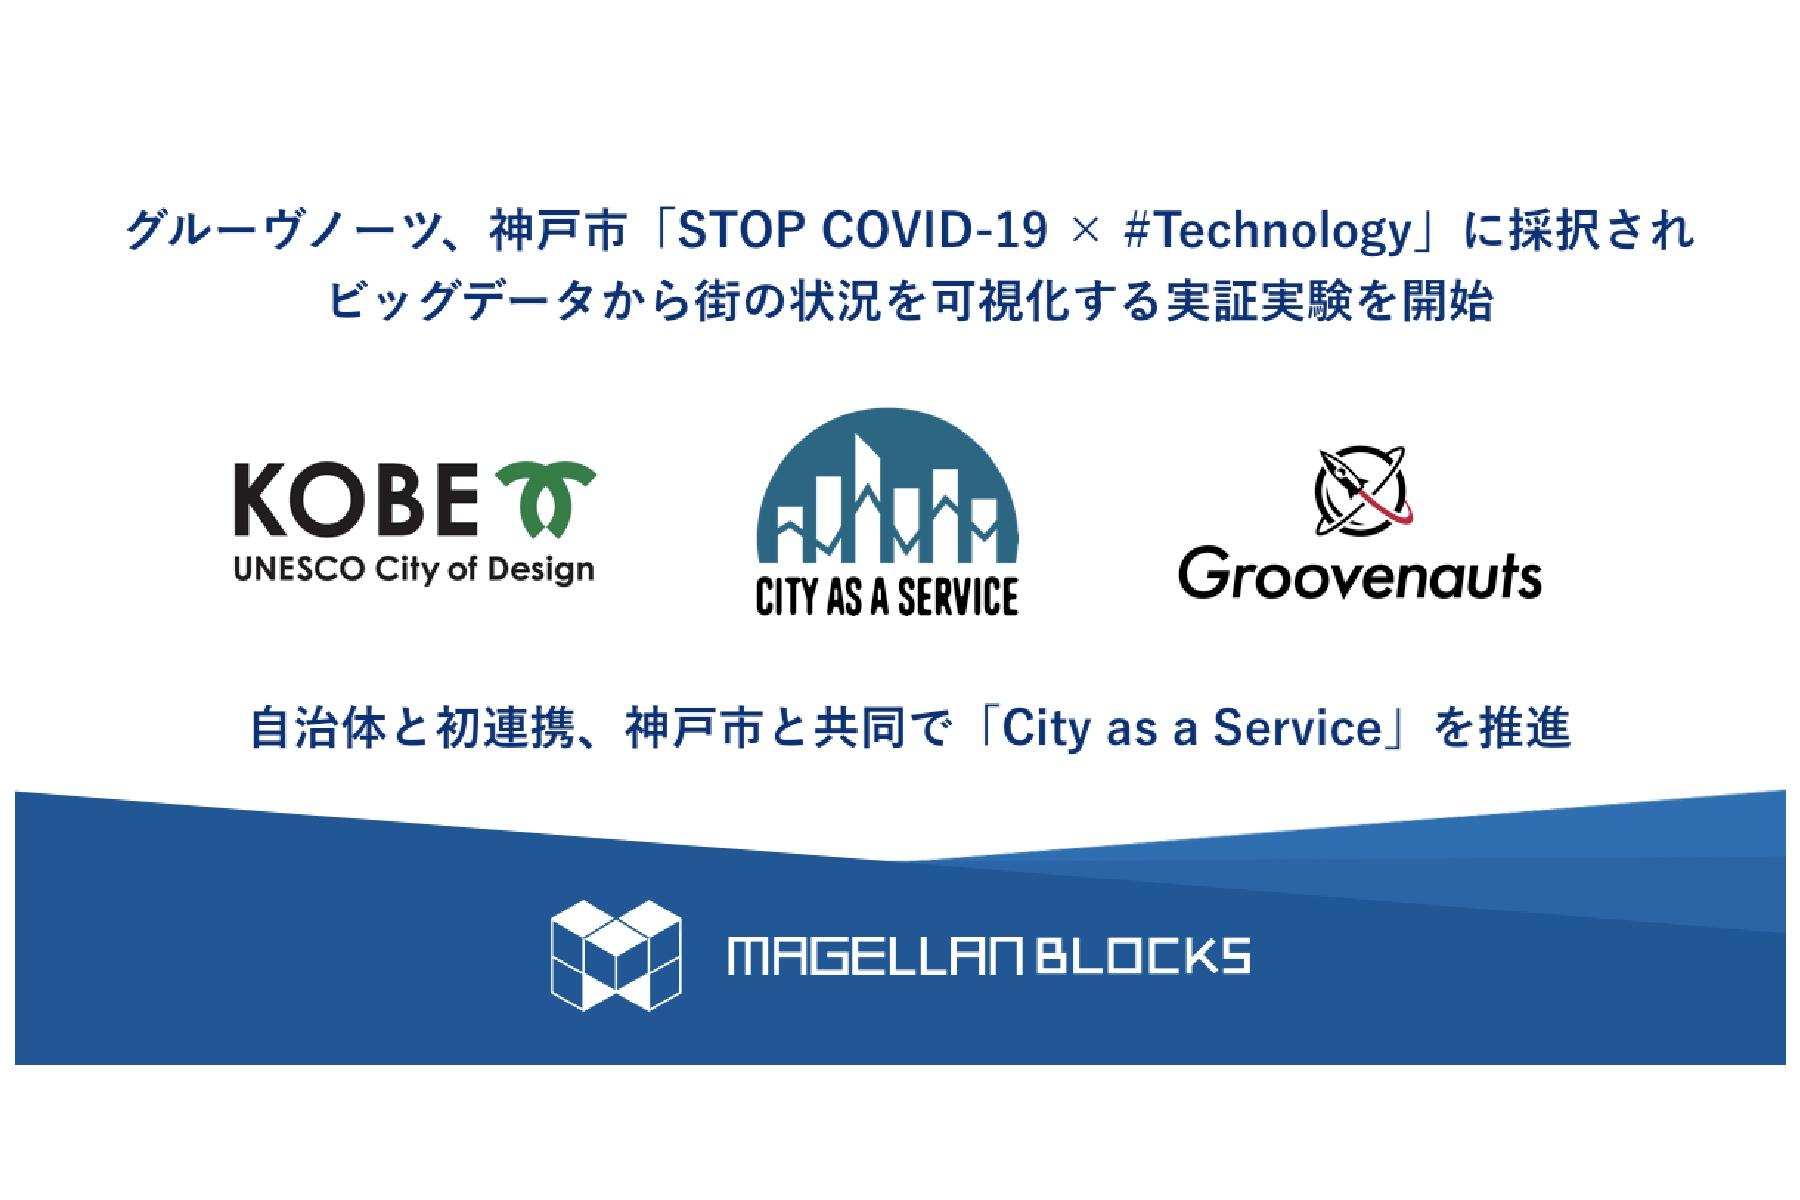 グルーヴノーツ×神戸市 | ビッグデータから街の状況を可視化する実証実験を開始